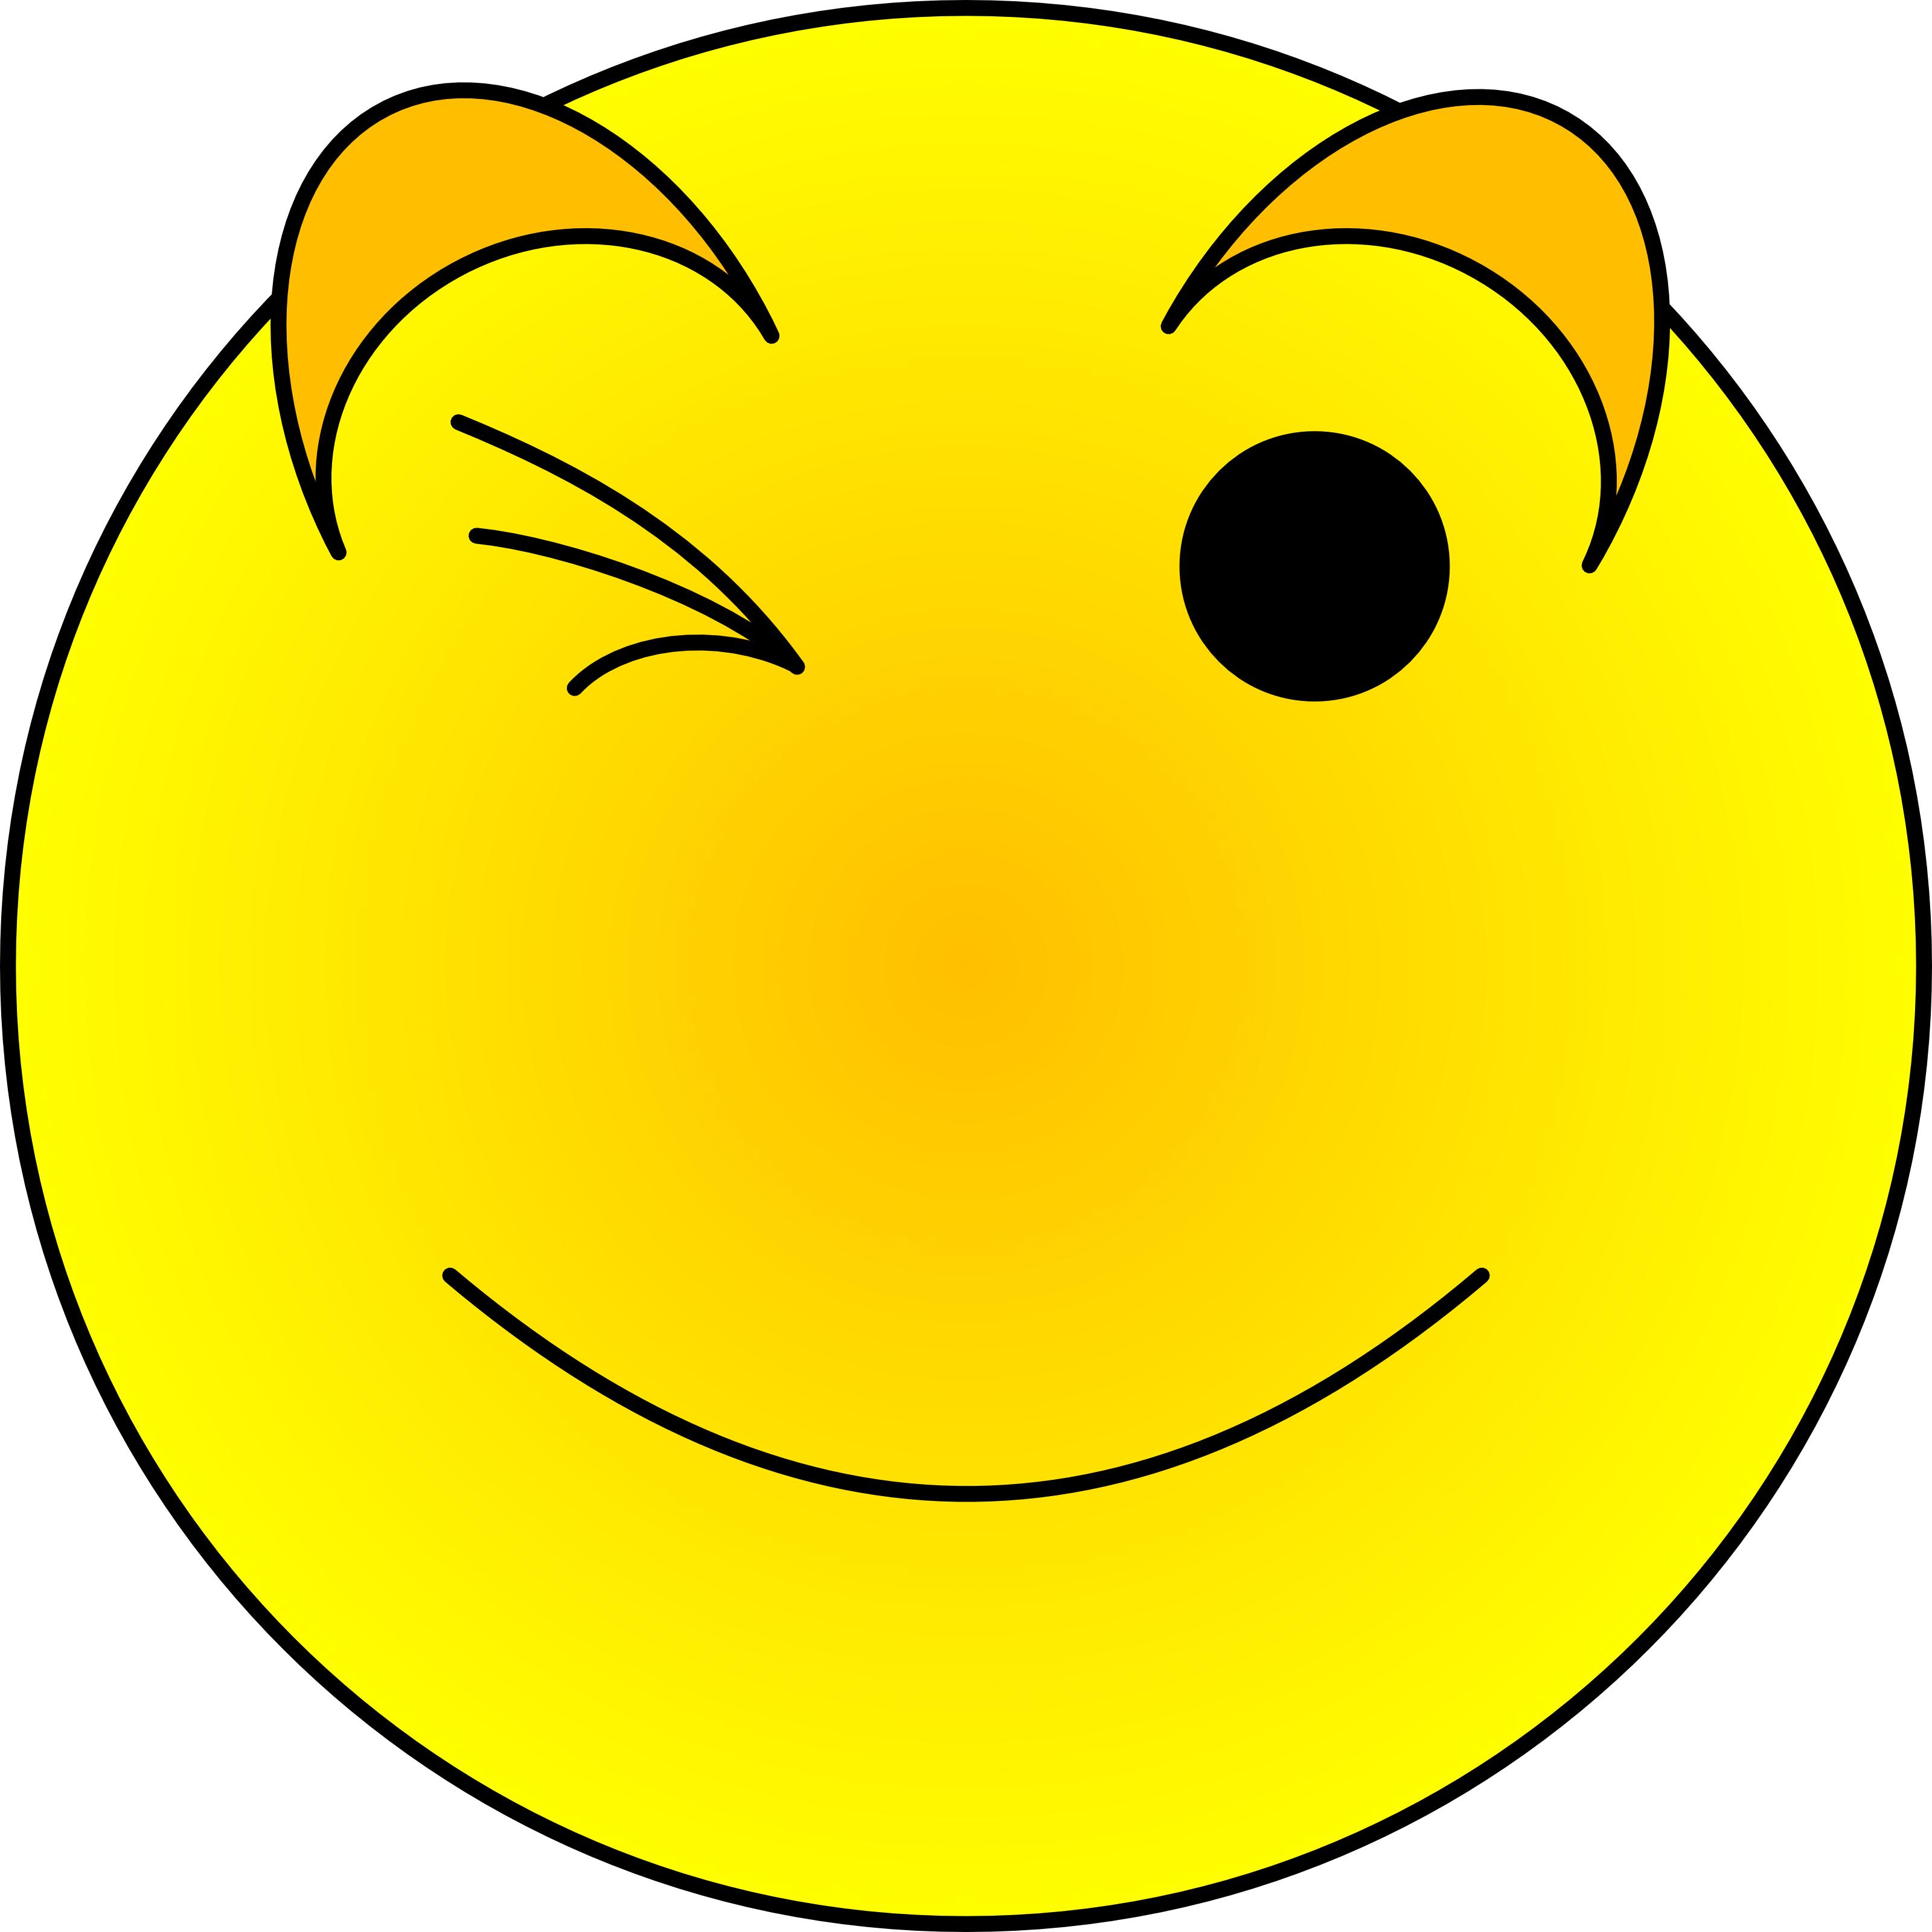 3200x3200 30 Cute Smileys